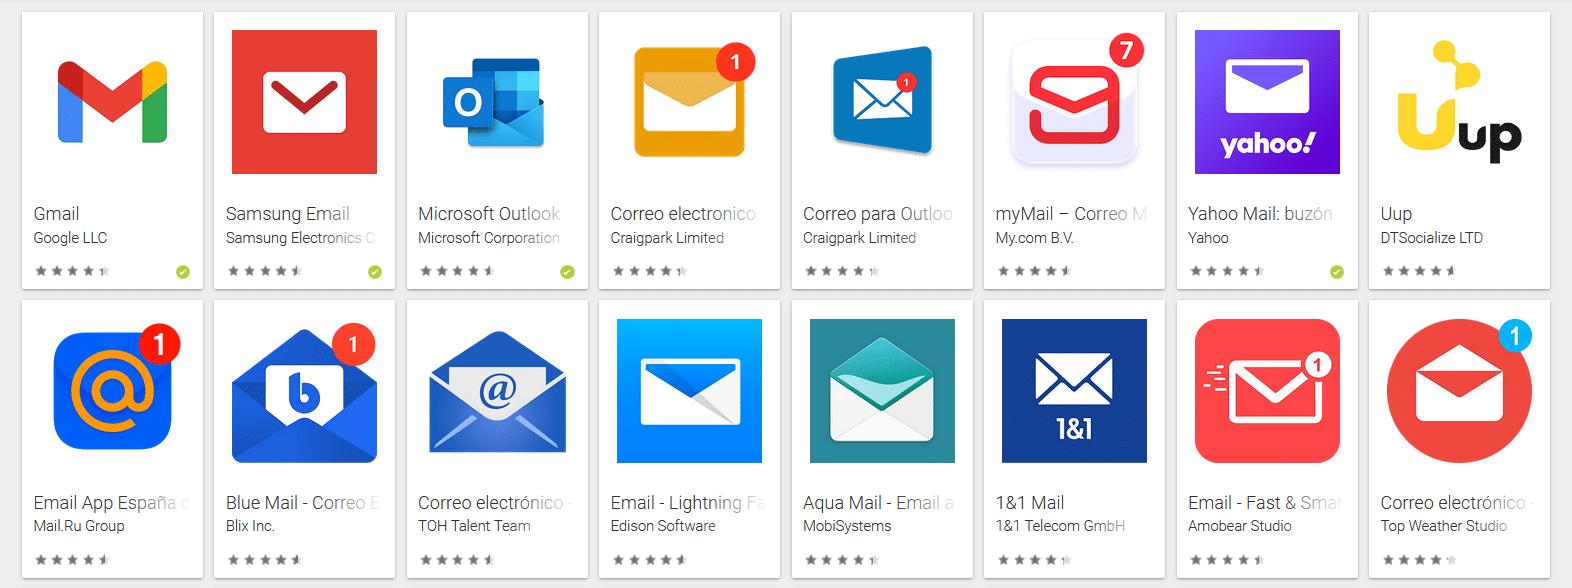 Aplicaciones de email para el móvil Android